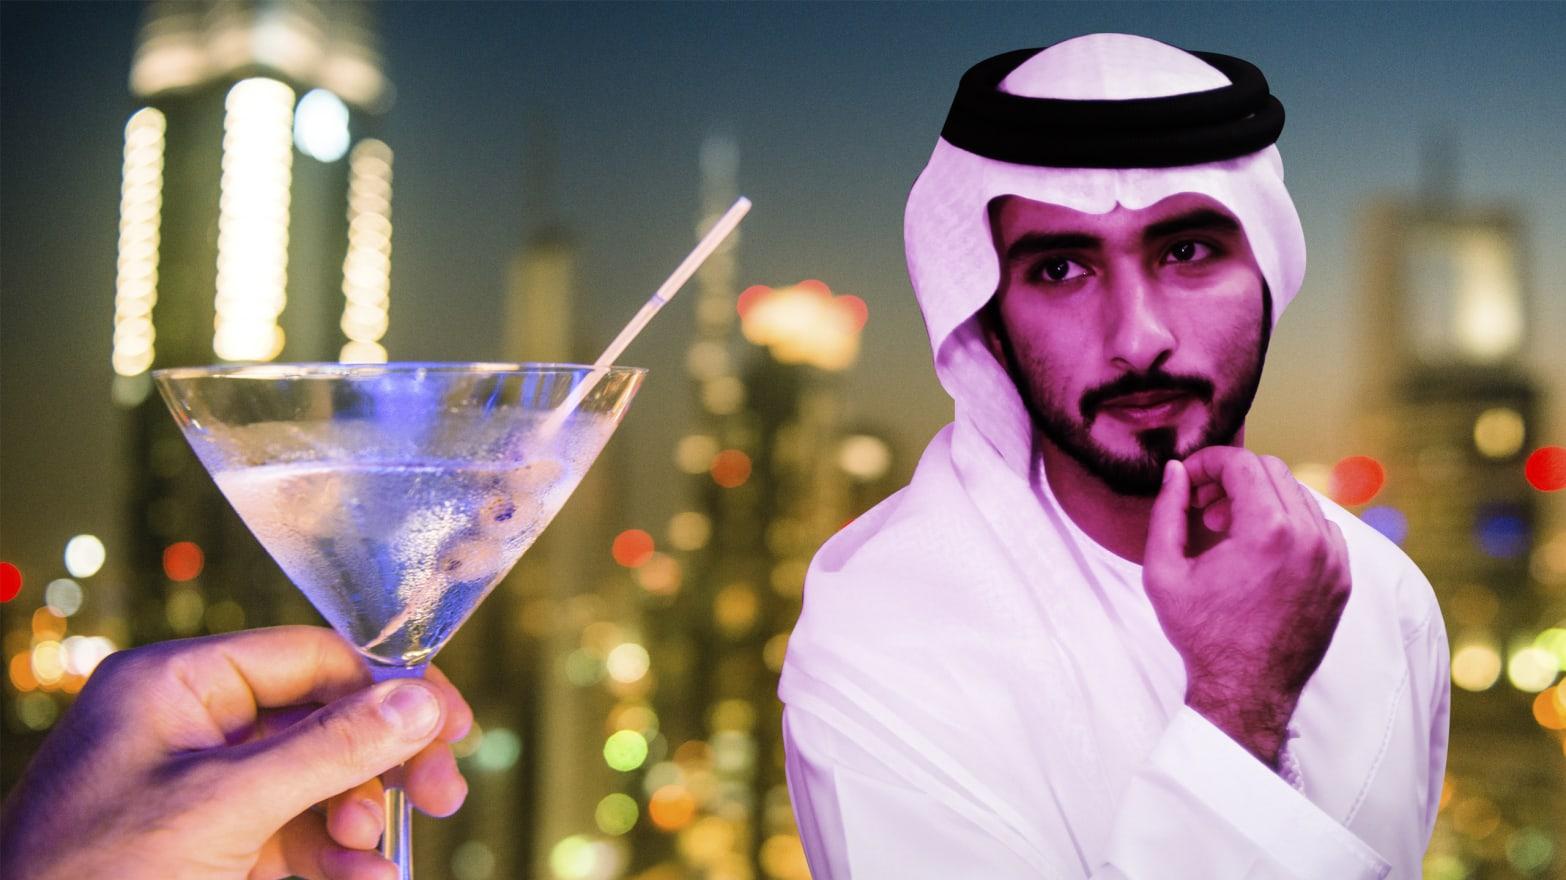 Arab girls in London seeking men for dates